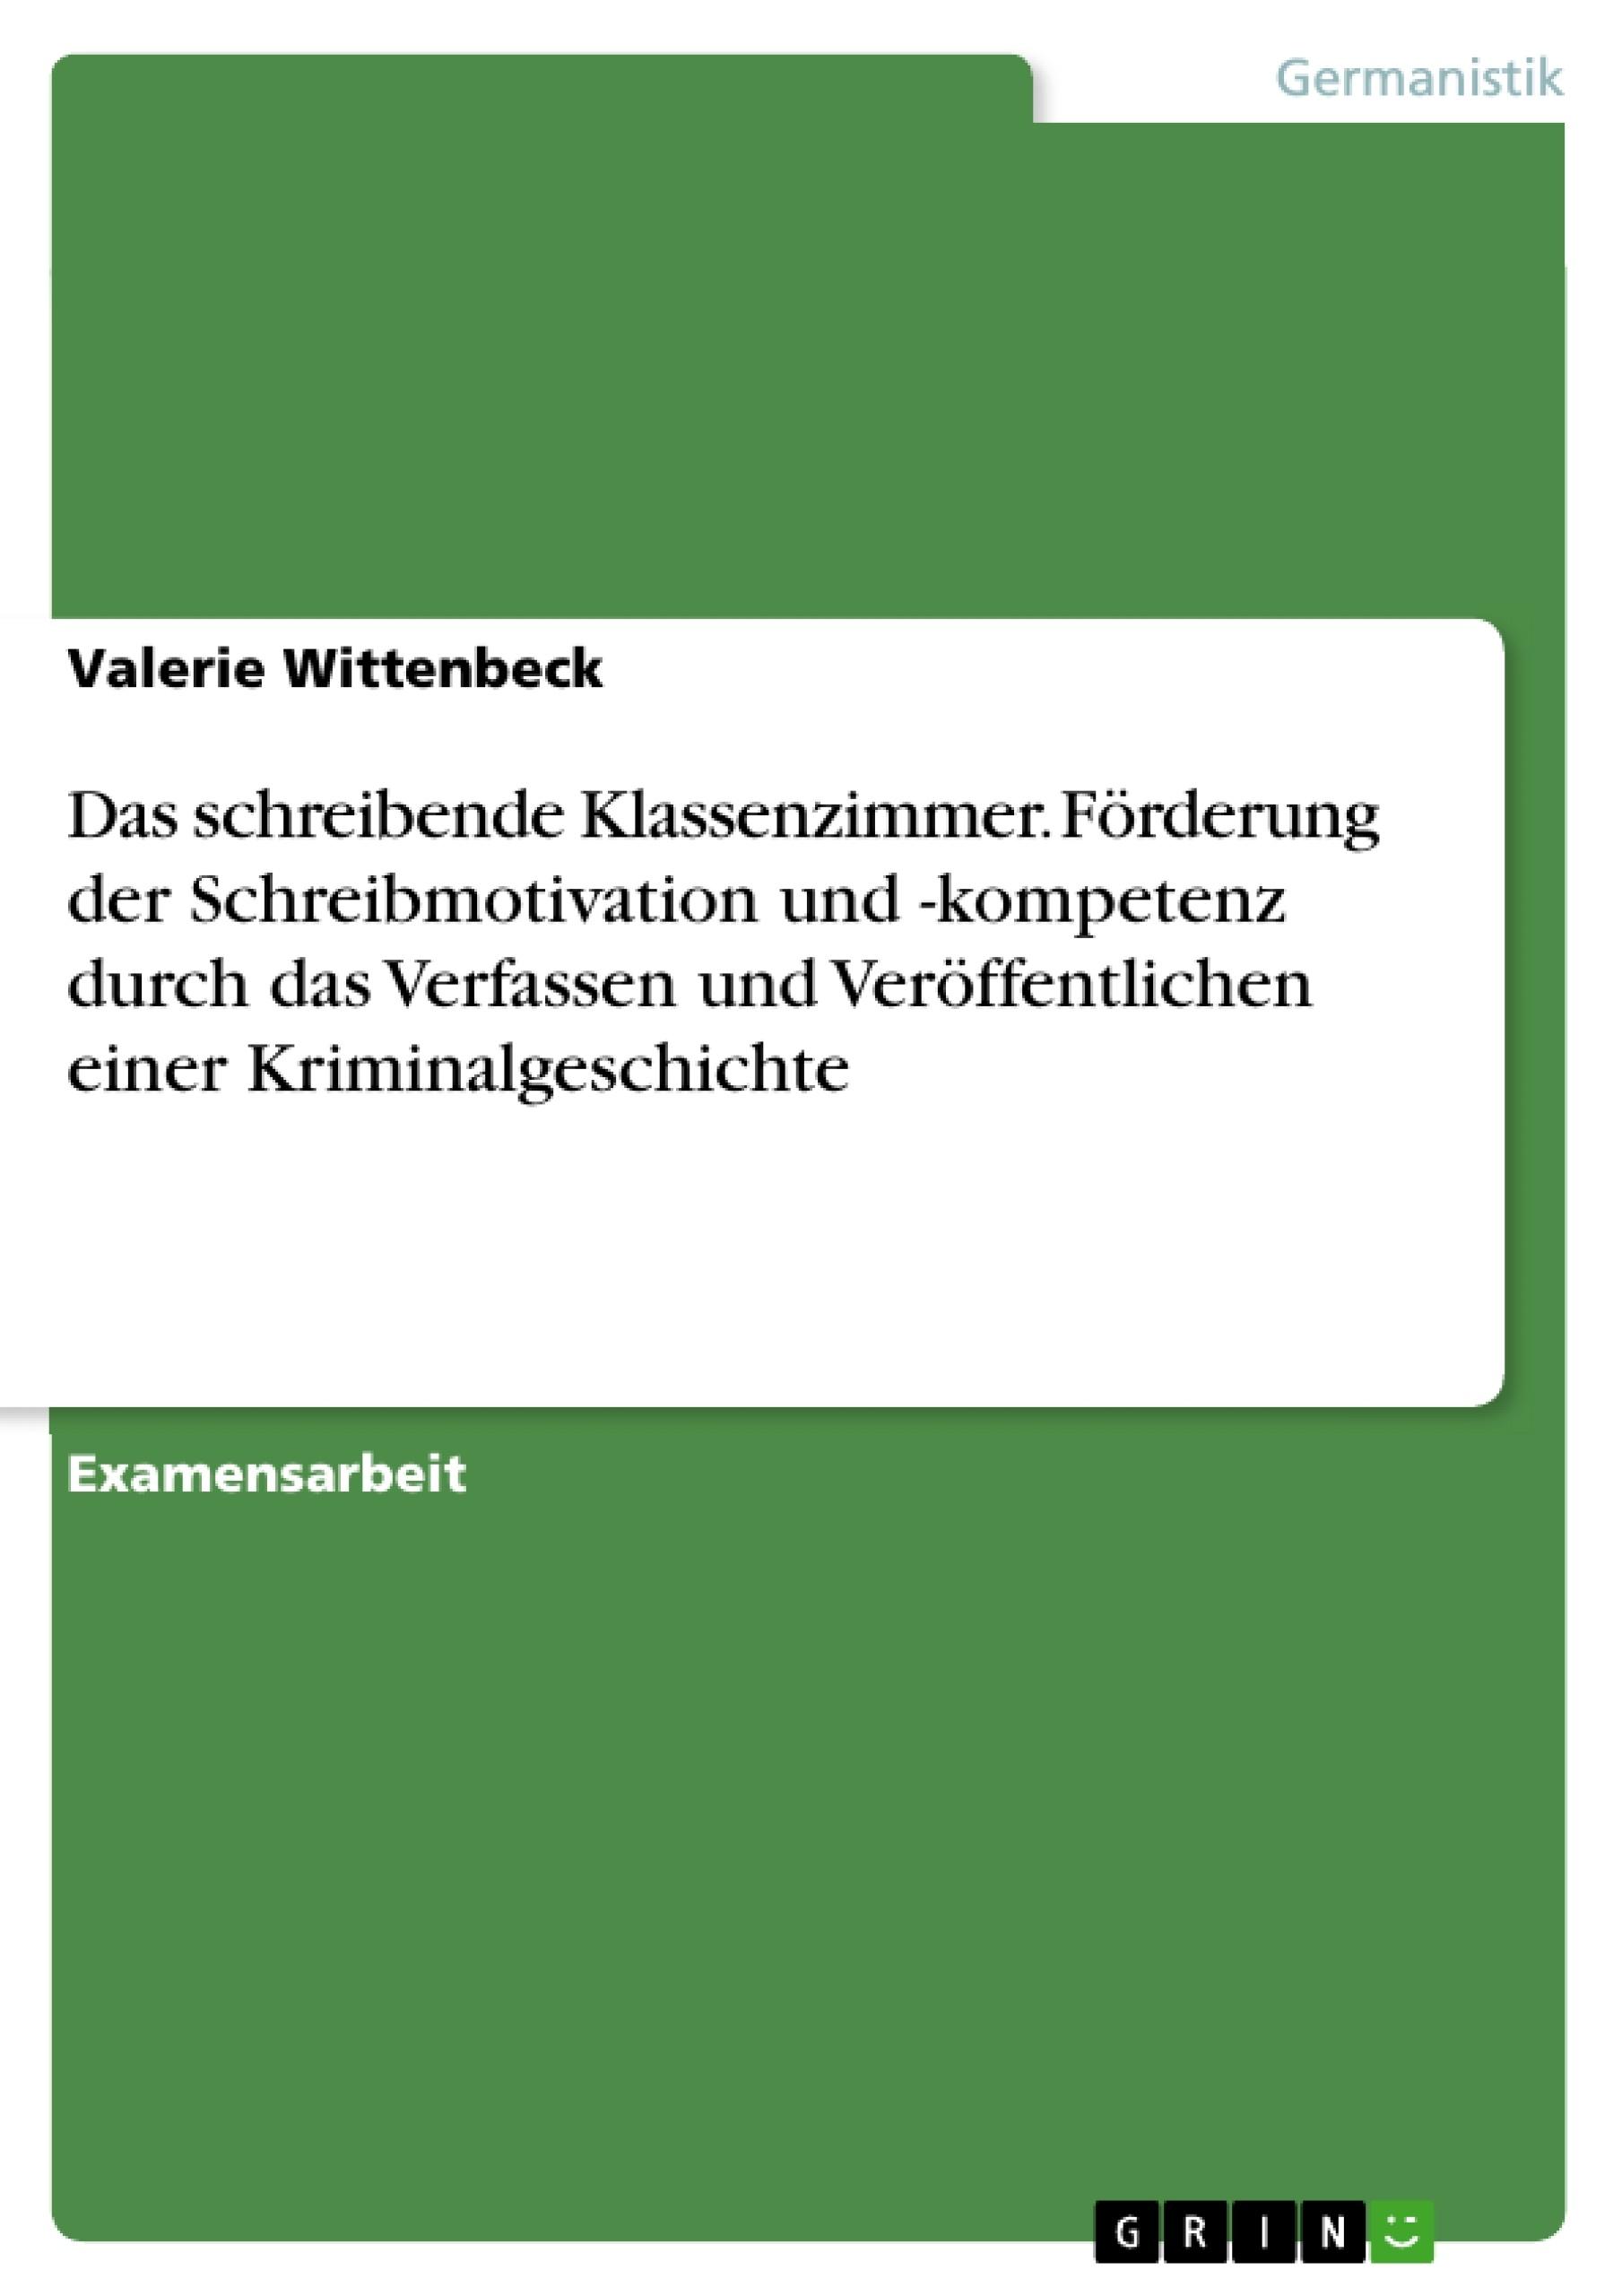 Titel: Das schreibende Klassenzimmer. Förderung der Schreibmotivation und -kompetenz durch das Verfassen und Veröffentlichen einer Kriminalgeschichte